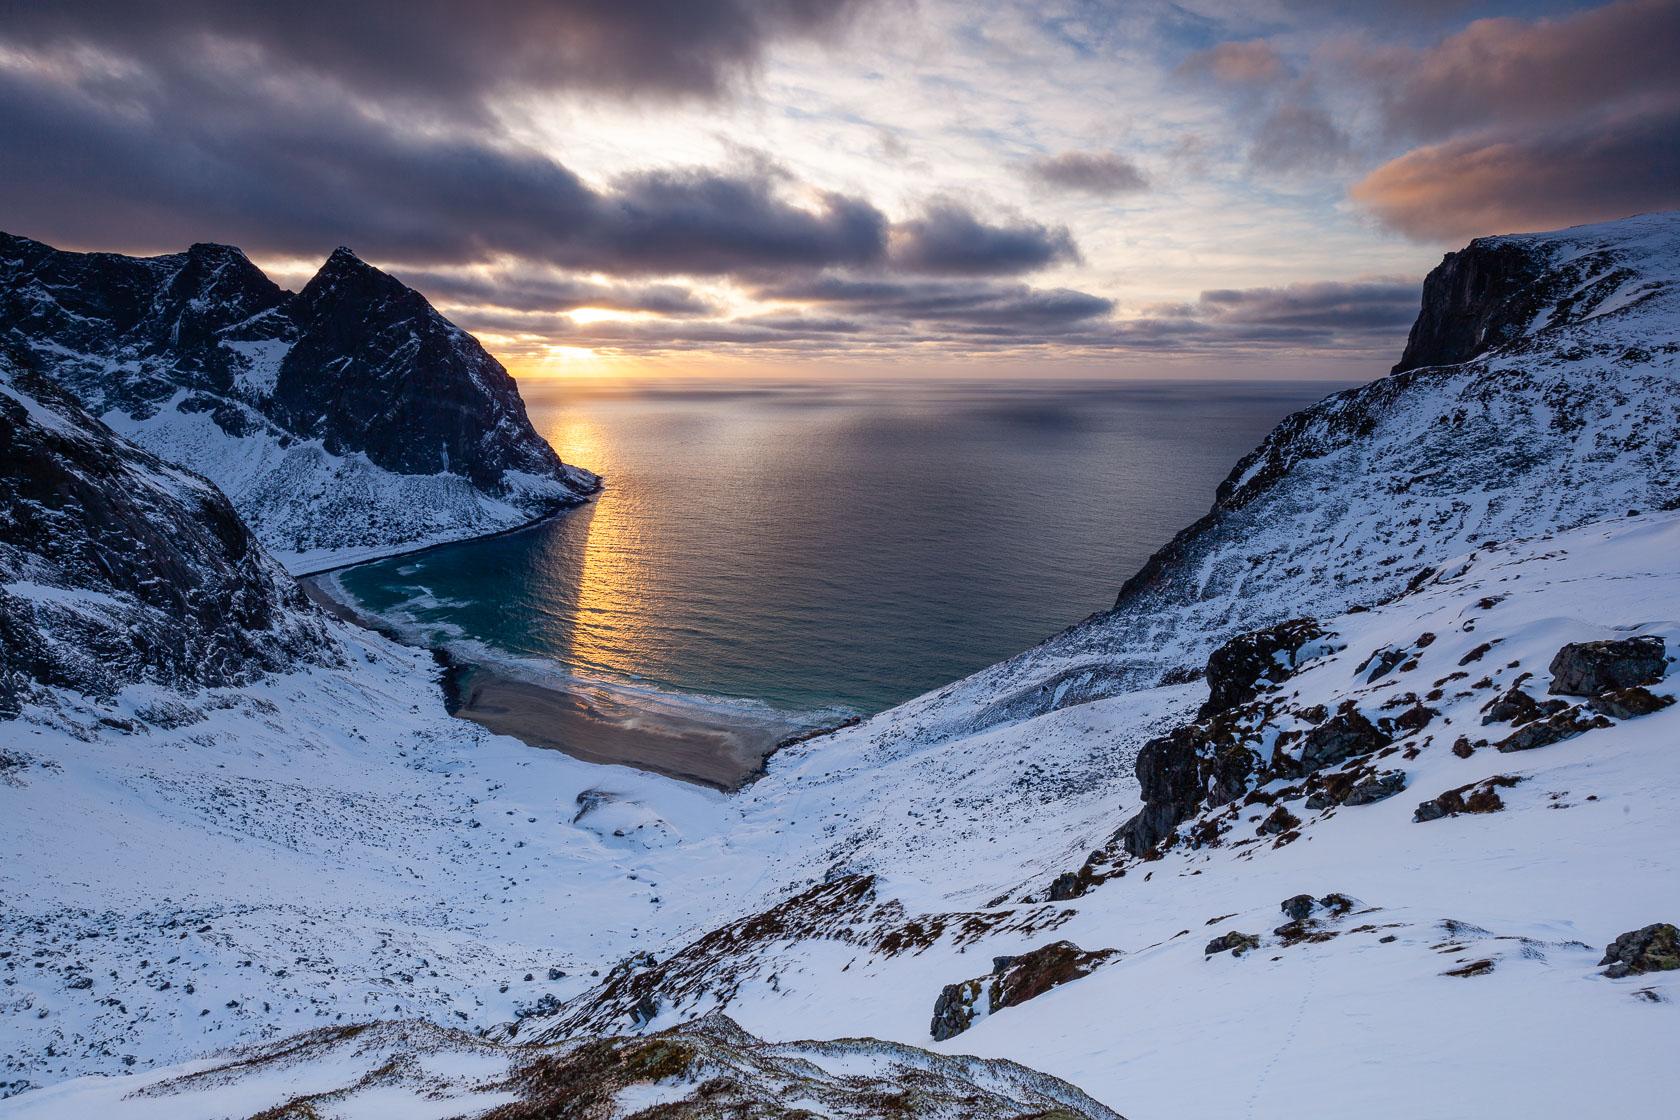 Plage de Kvalvika, dans les îles Lofoten, en Norvège, pendant un voyage photo dans les Lofoten